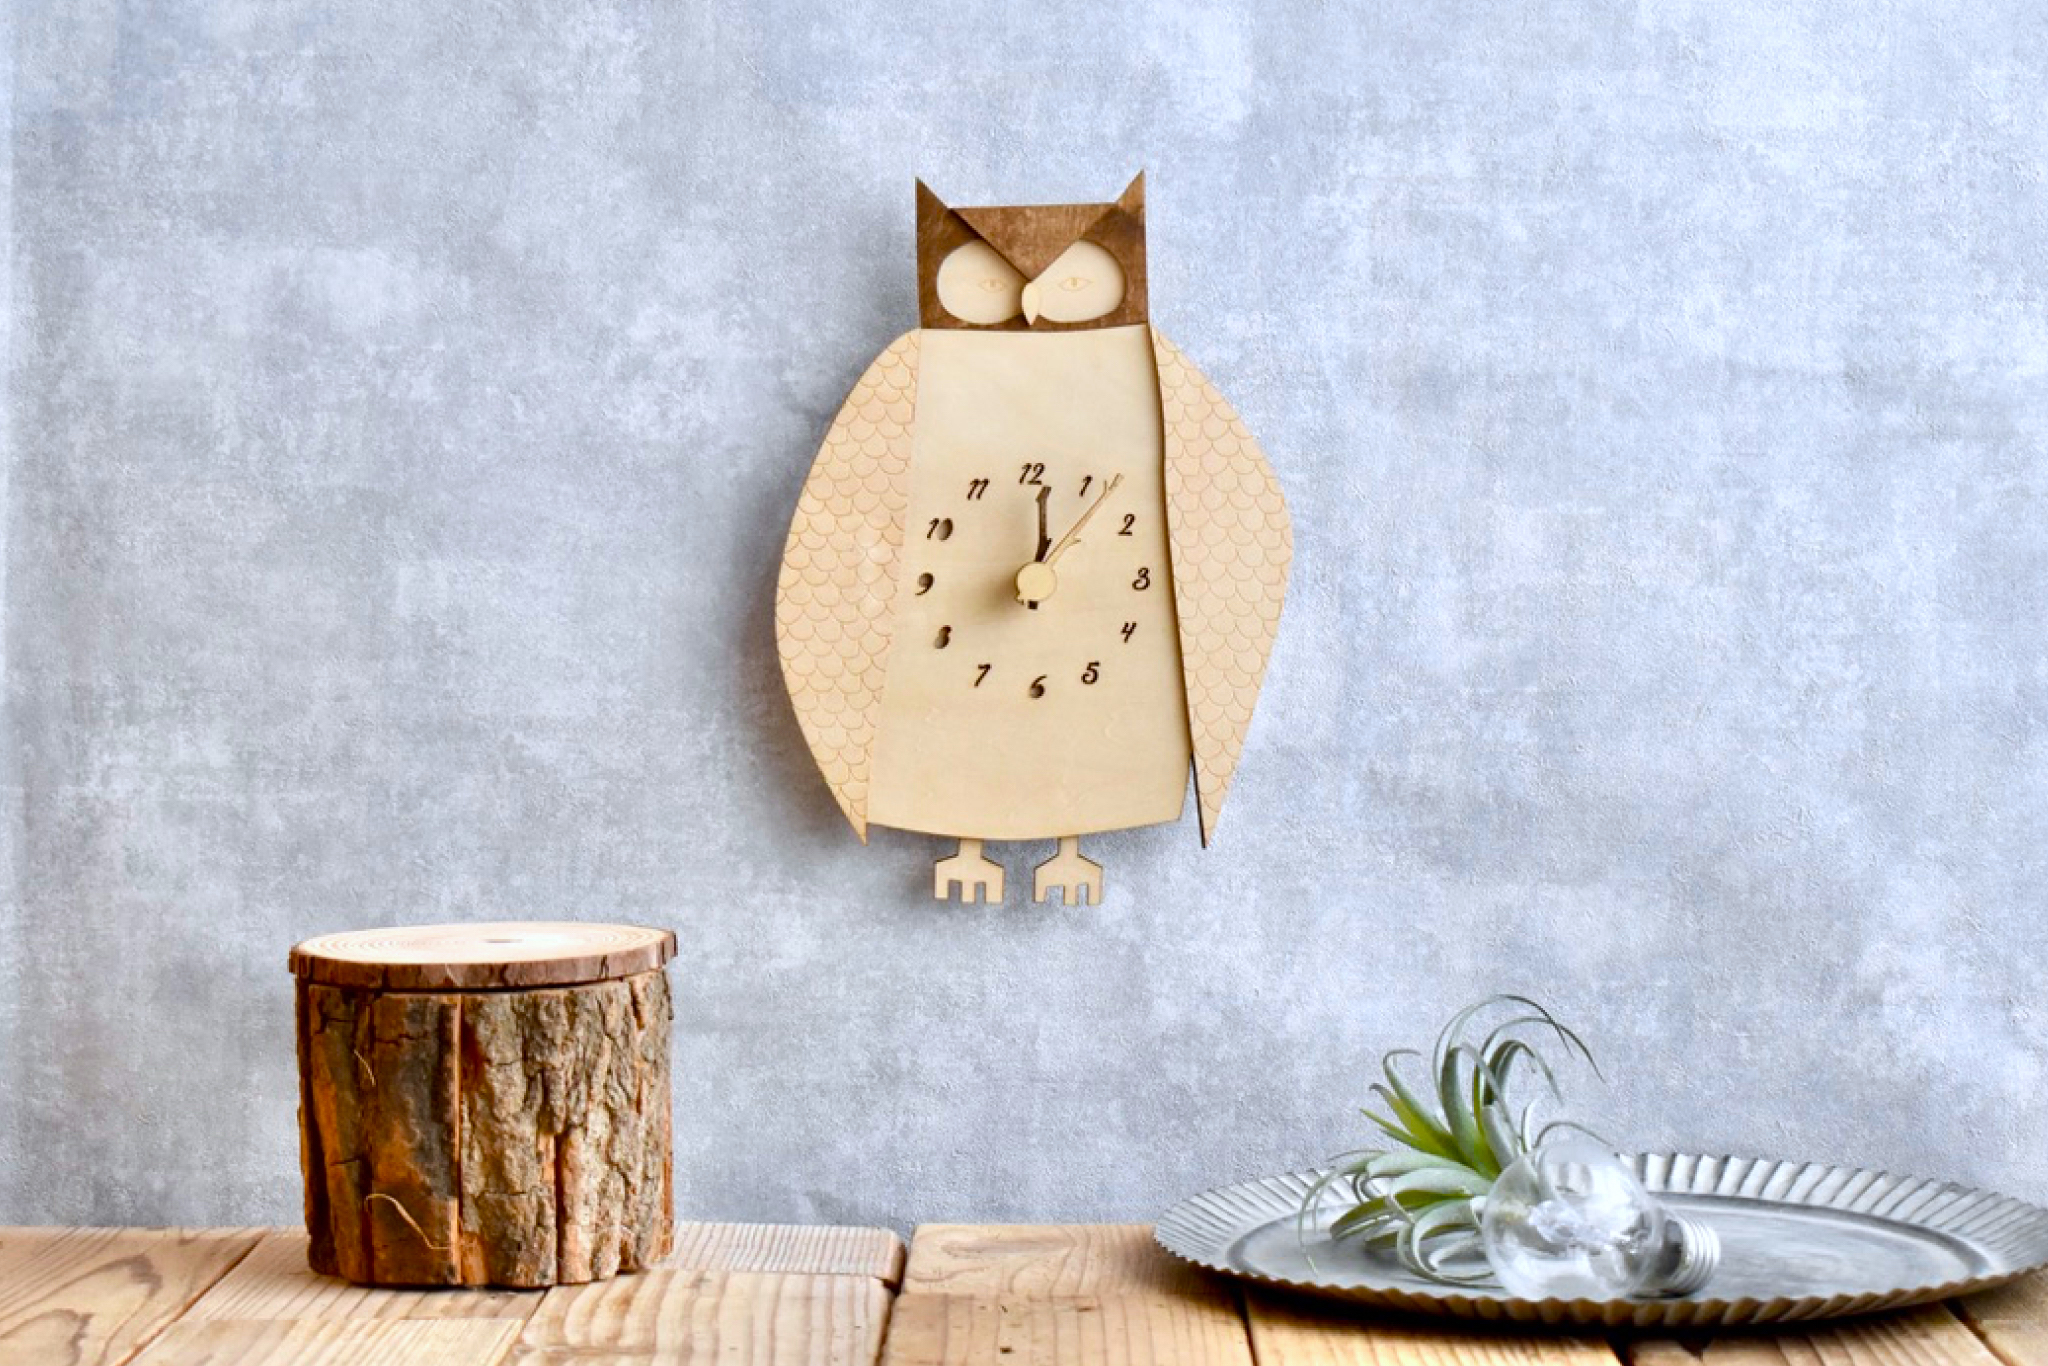 コノハズクの時計 木製 掛け時計